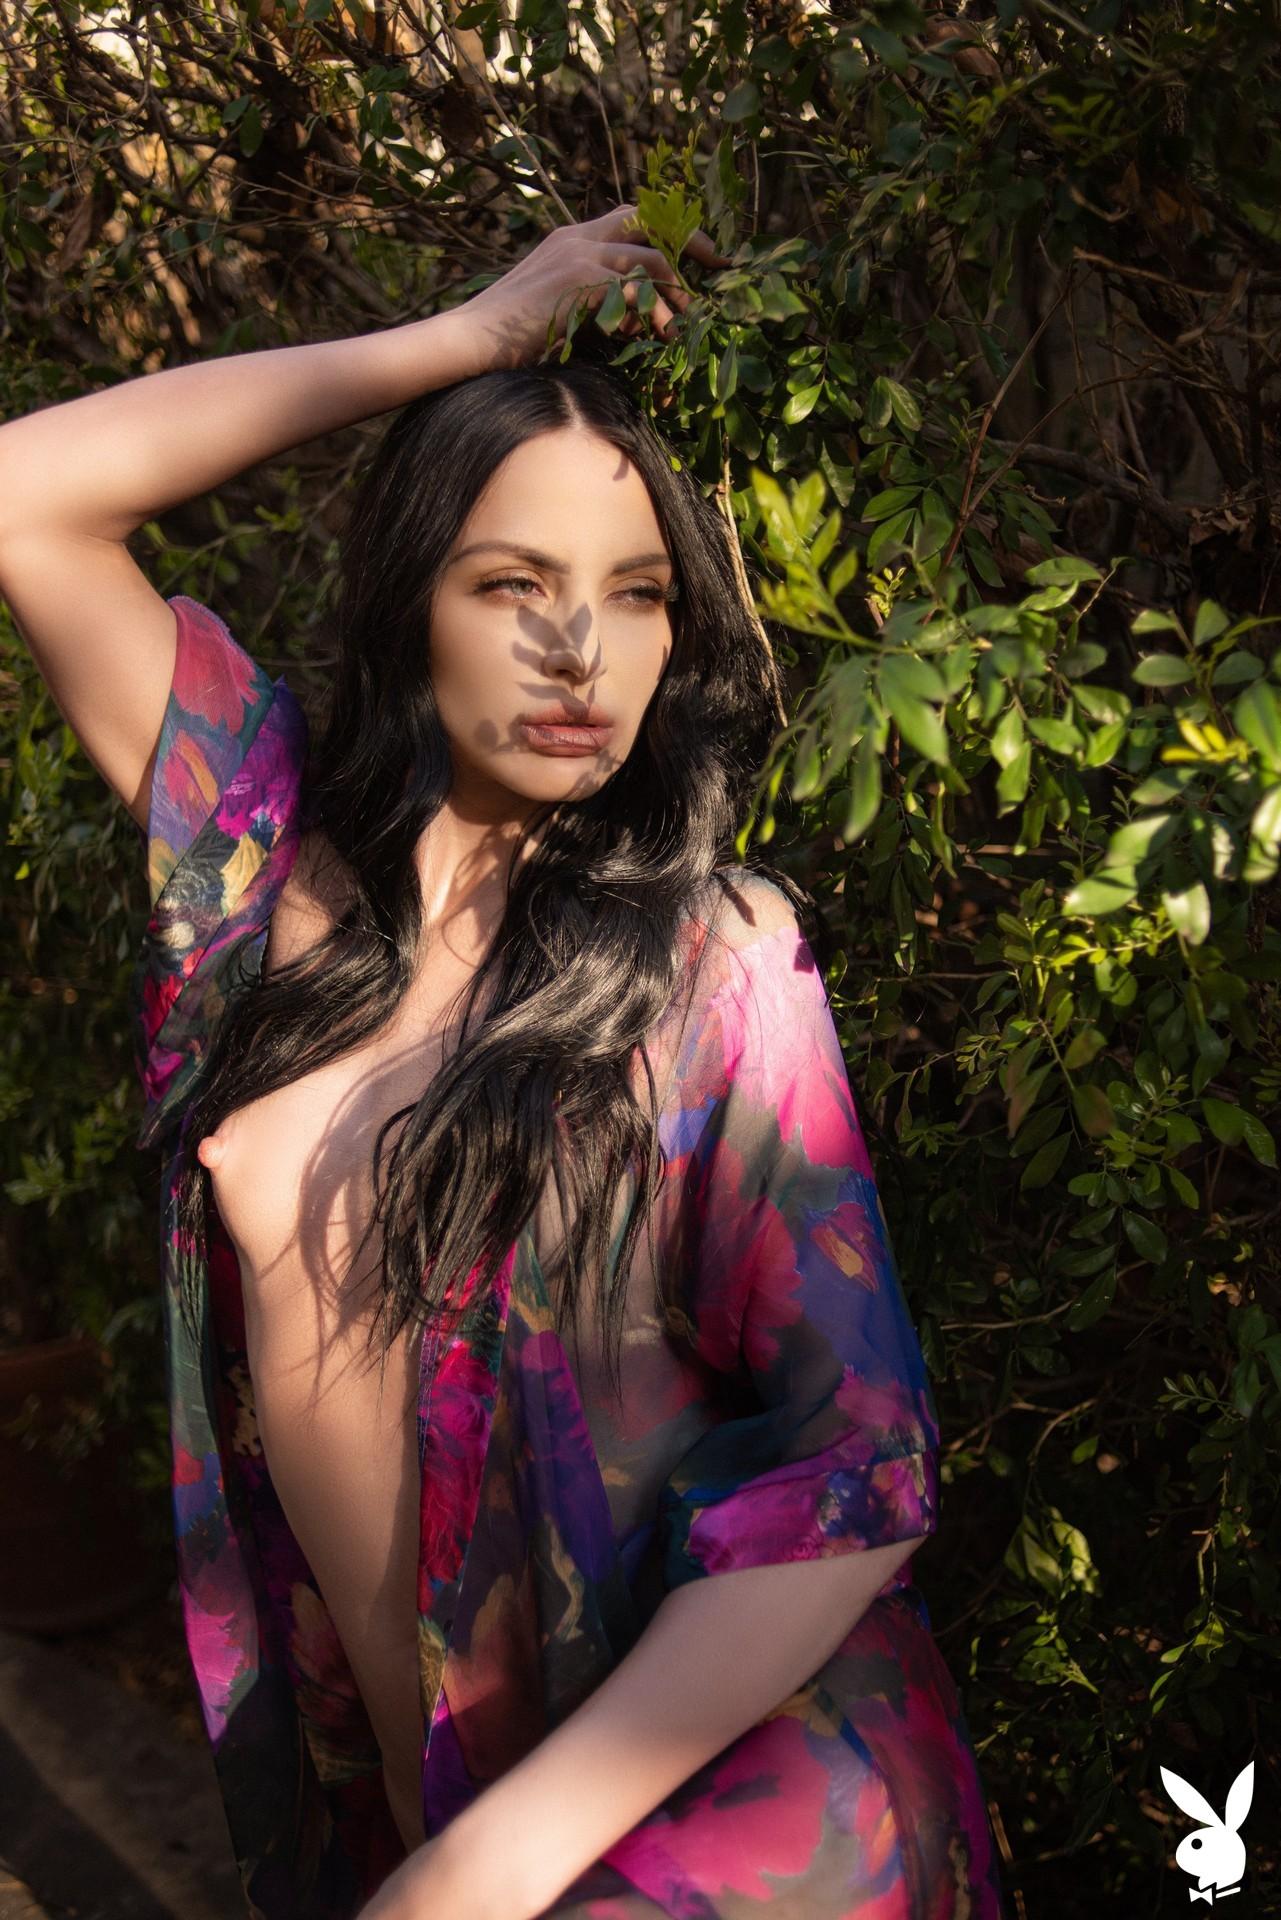 Carissa White In Glamour Garden Playboy Plus (21)